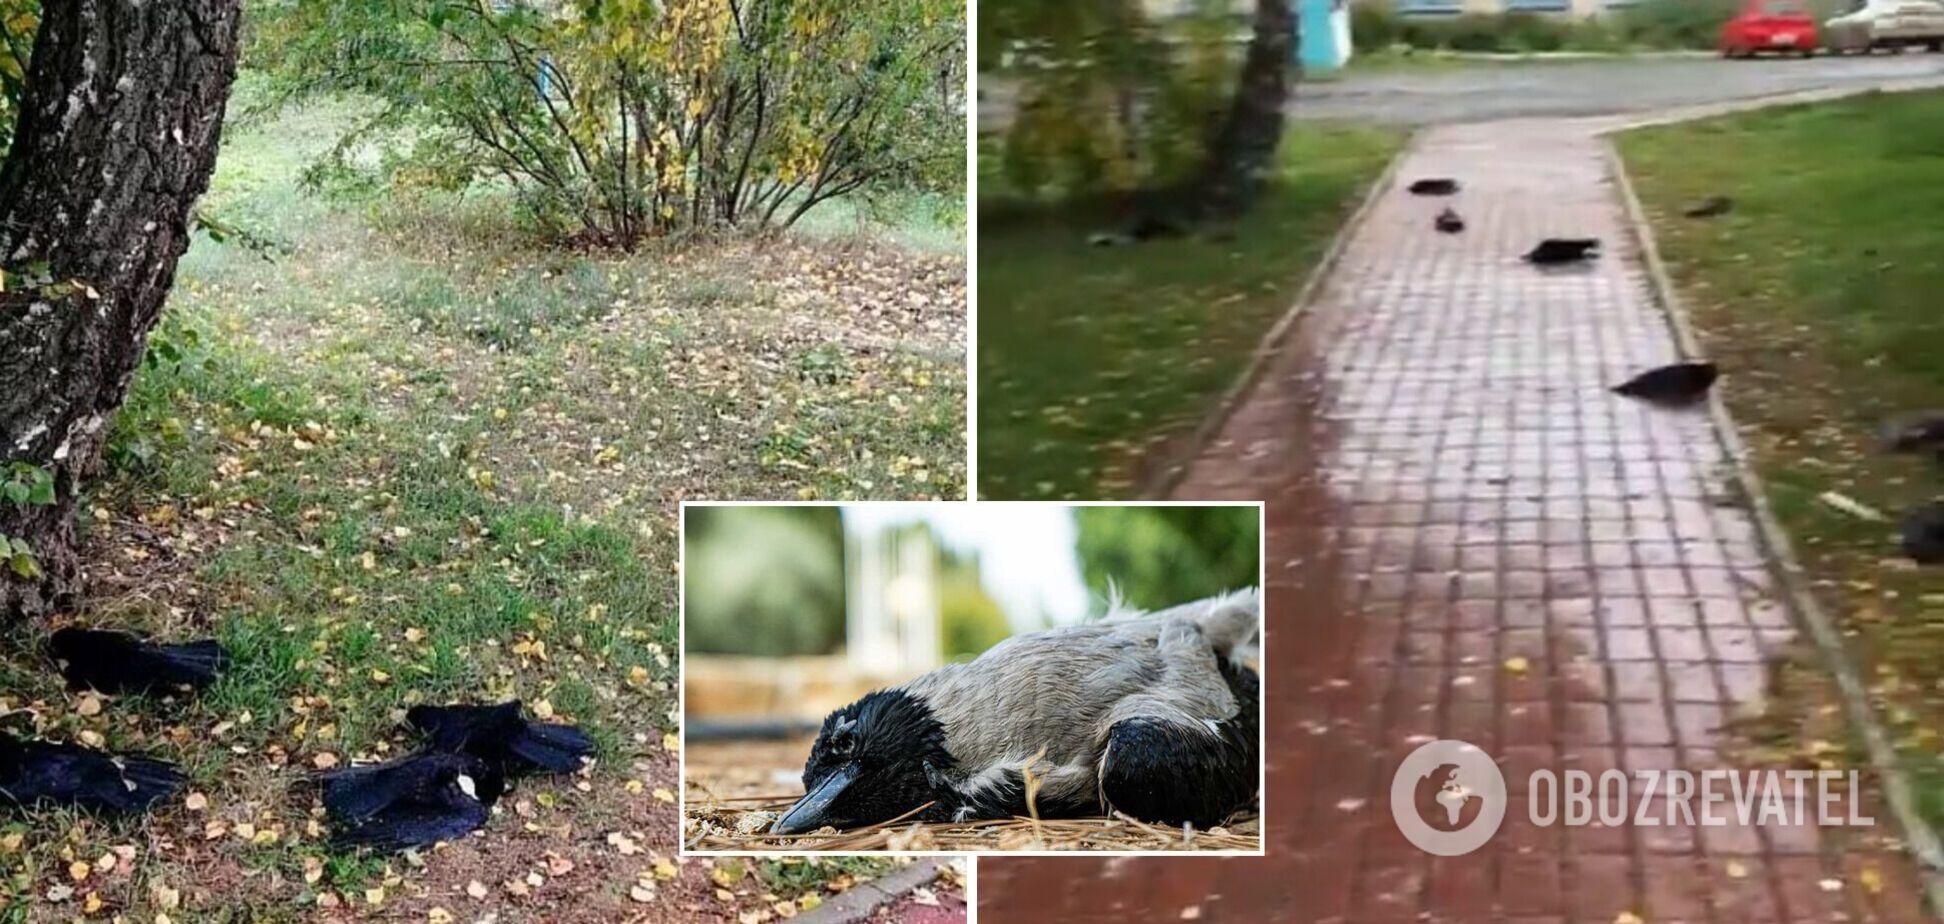 В России зафиксировали массовую гибель ворон: мертвые птицы падали прямо на прохожих. Фото и видео